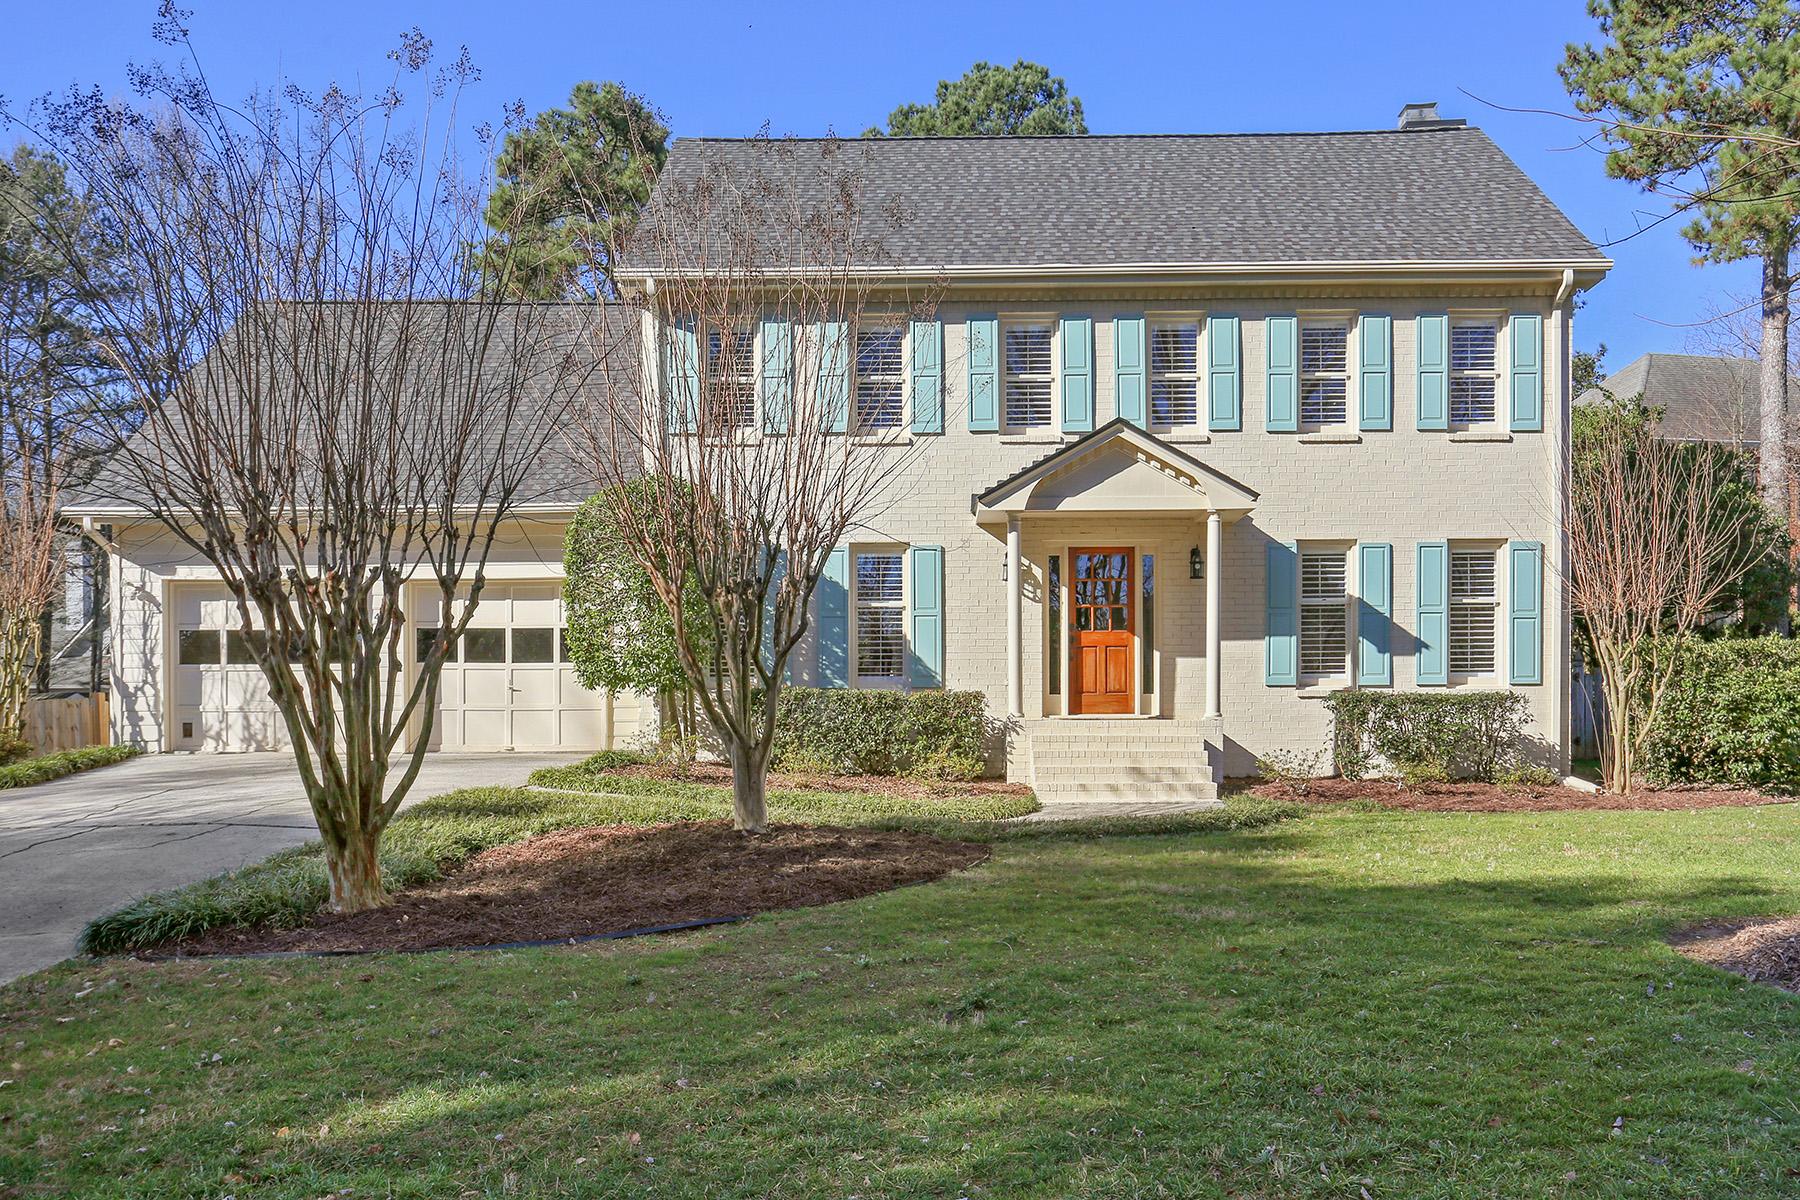 一戸建て のために 売買 アット Renovated Traditional Marietta Home 458 Timberlea Lake Drive SE Marietta, ジョージア 30067 アメリカ